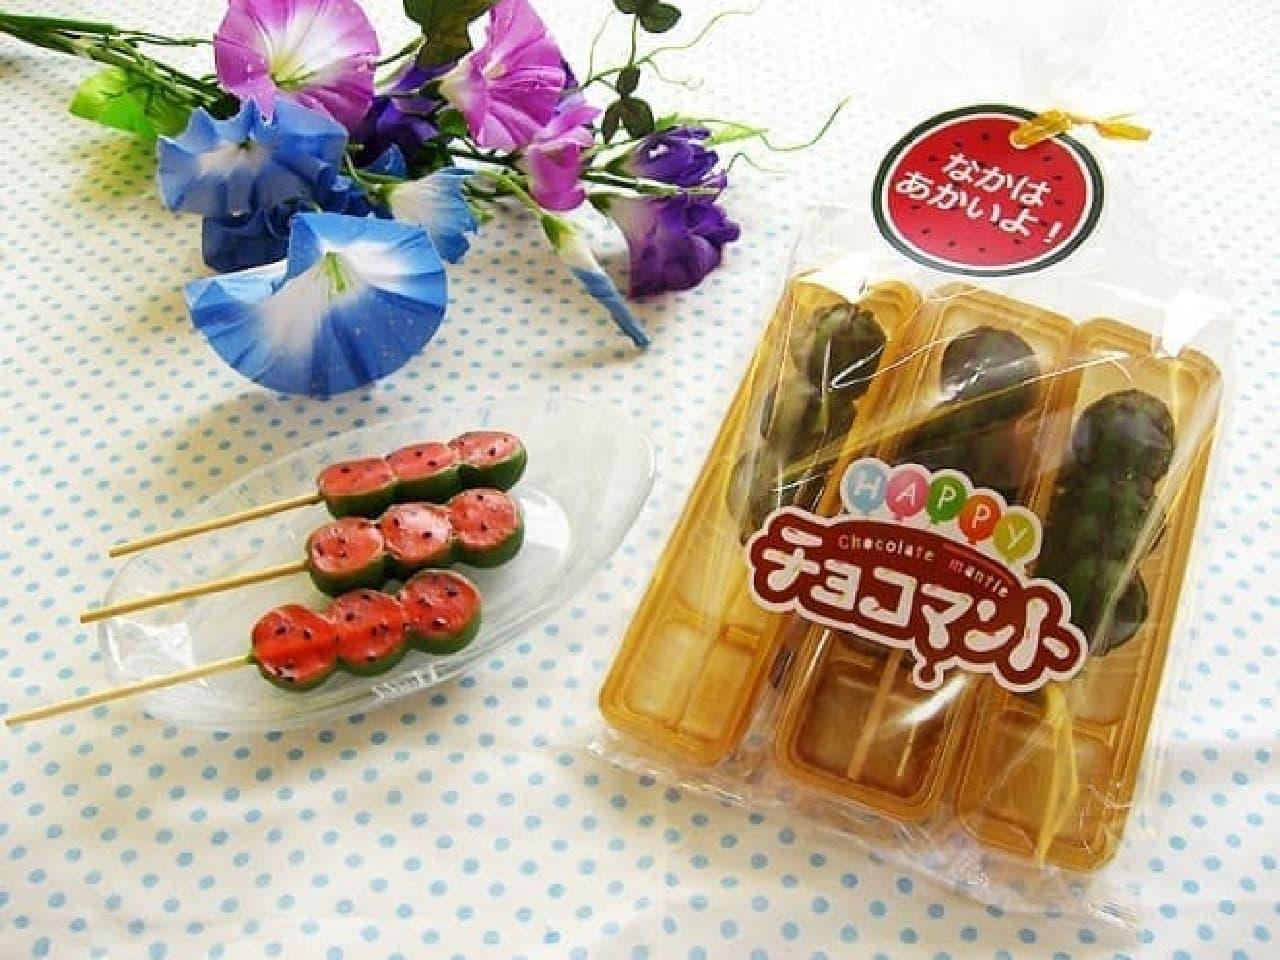 丸八製菓「チョコマントすいか(すいか団子)」